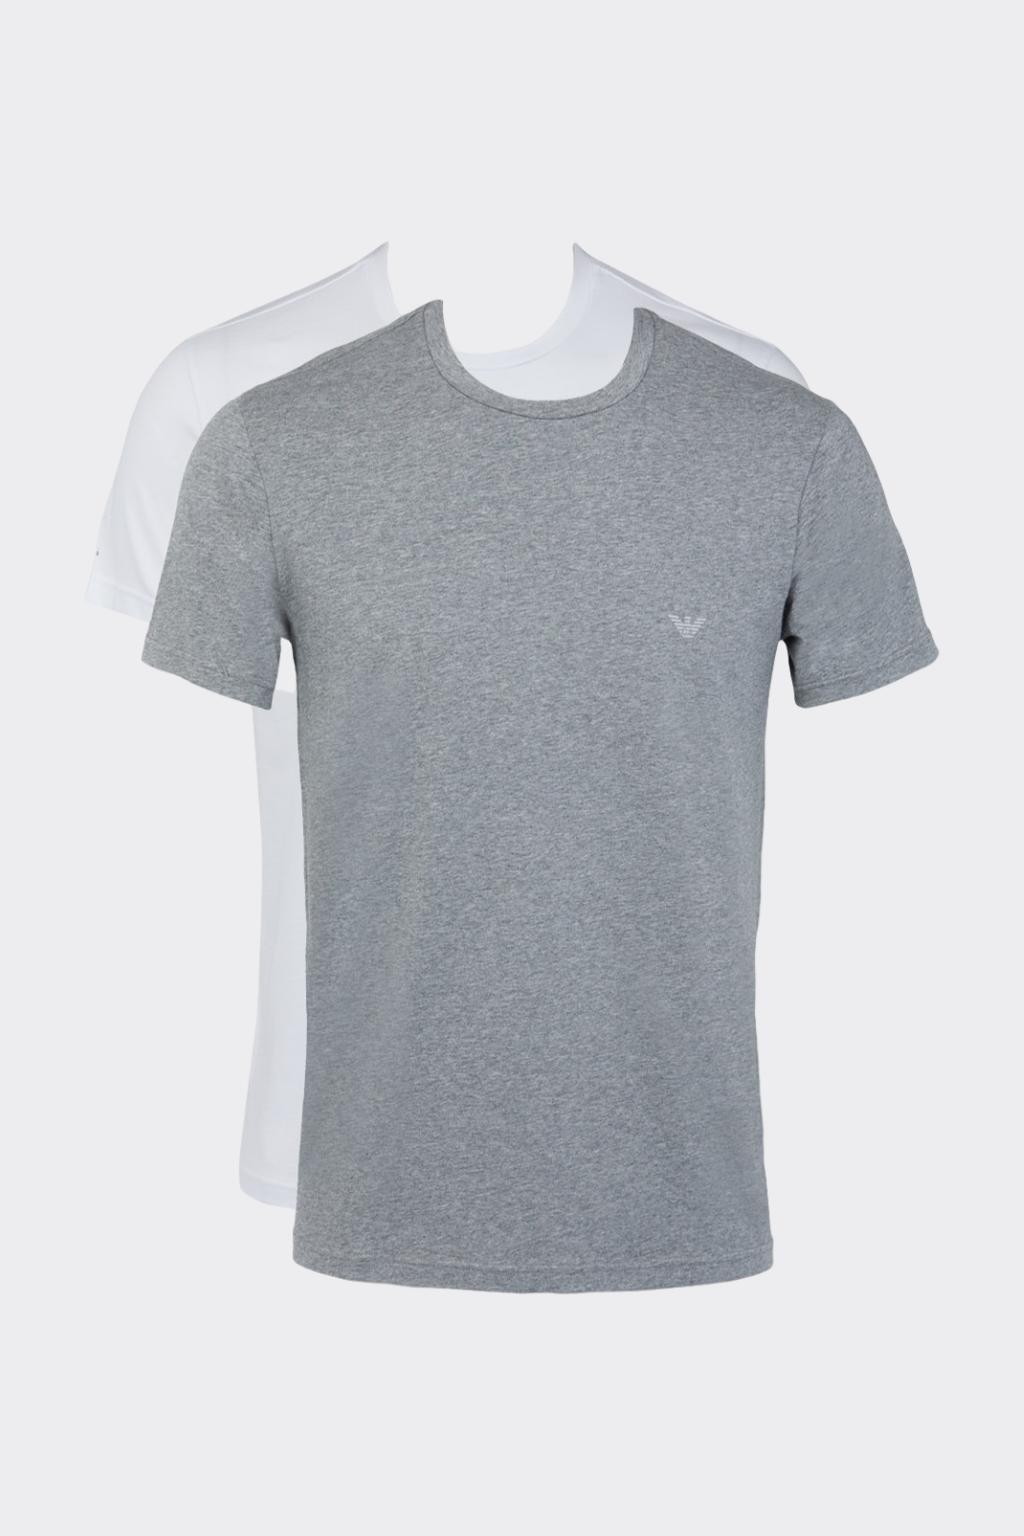 Emporio Armani Endurace 2-balení pánských triček - šedá, bílá